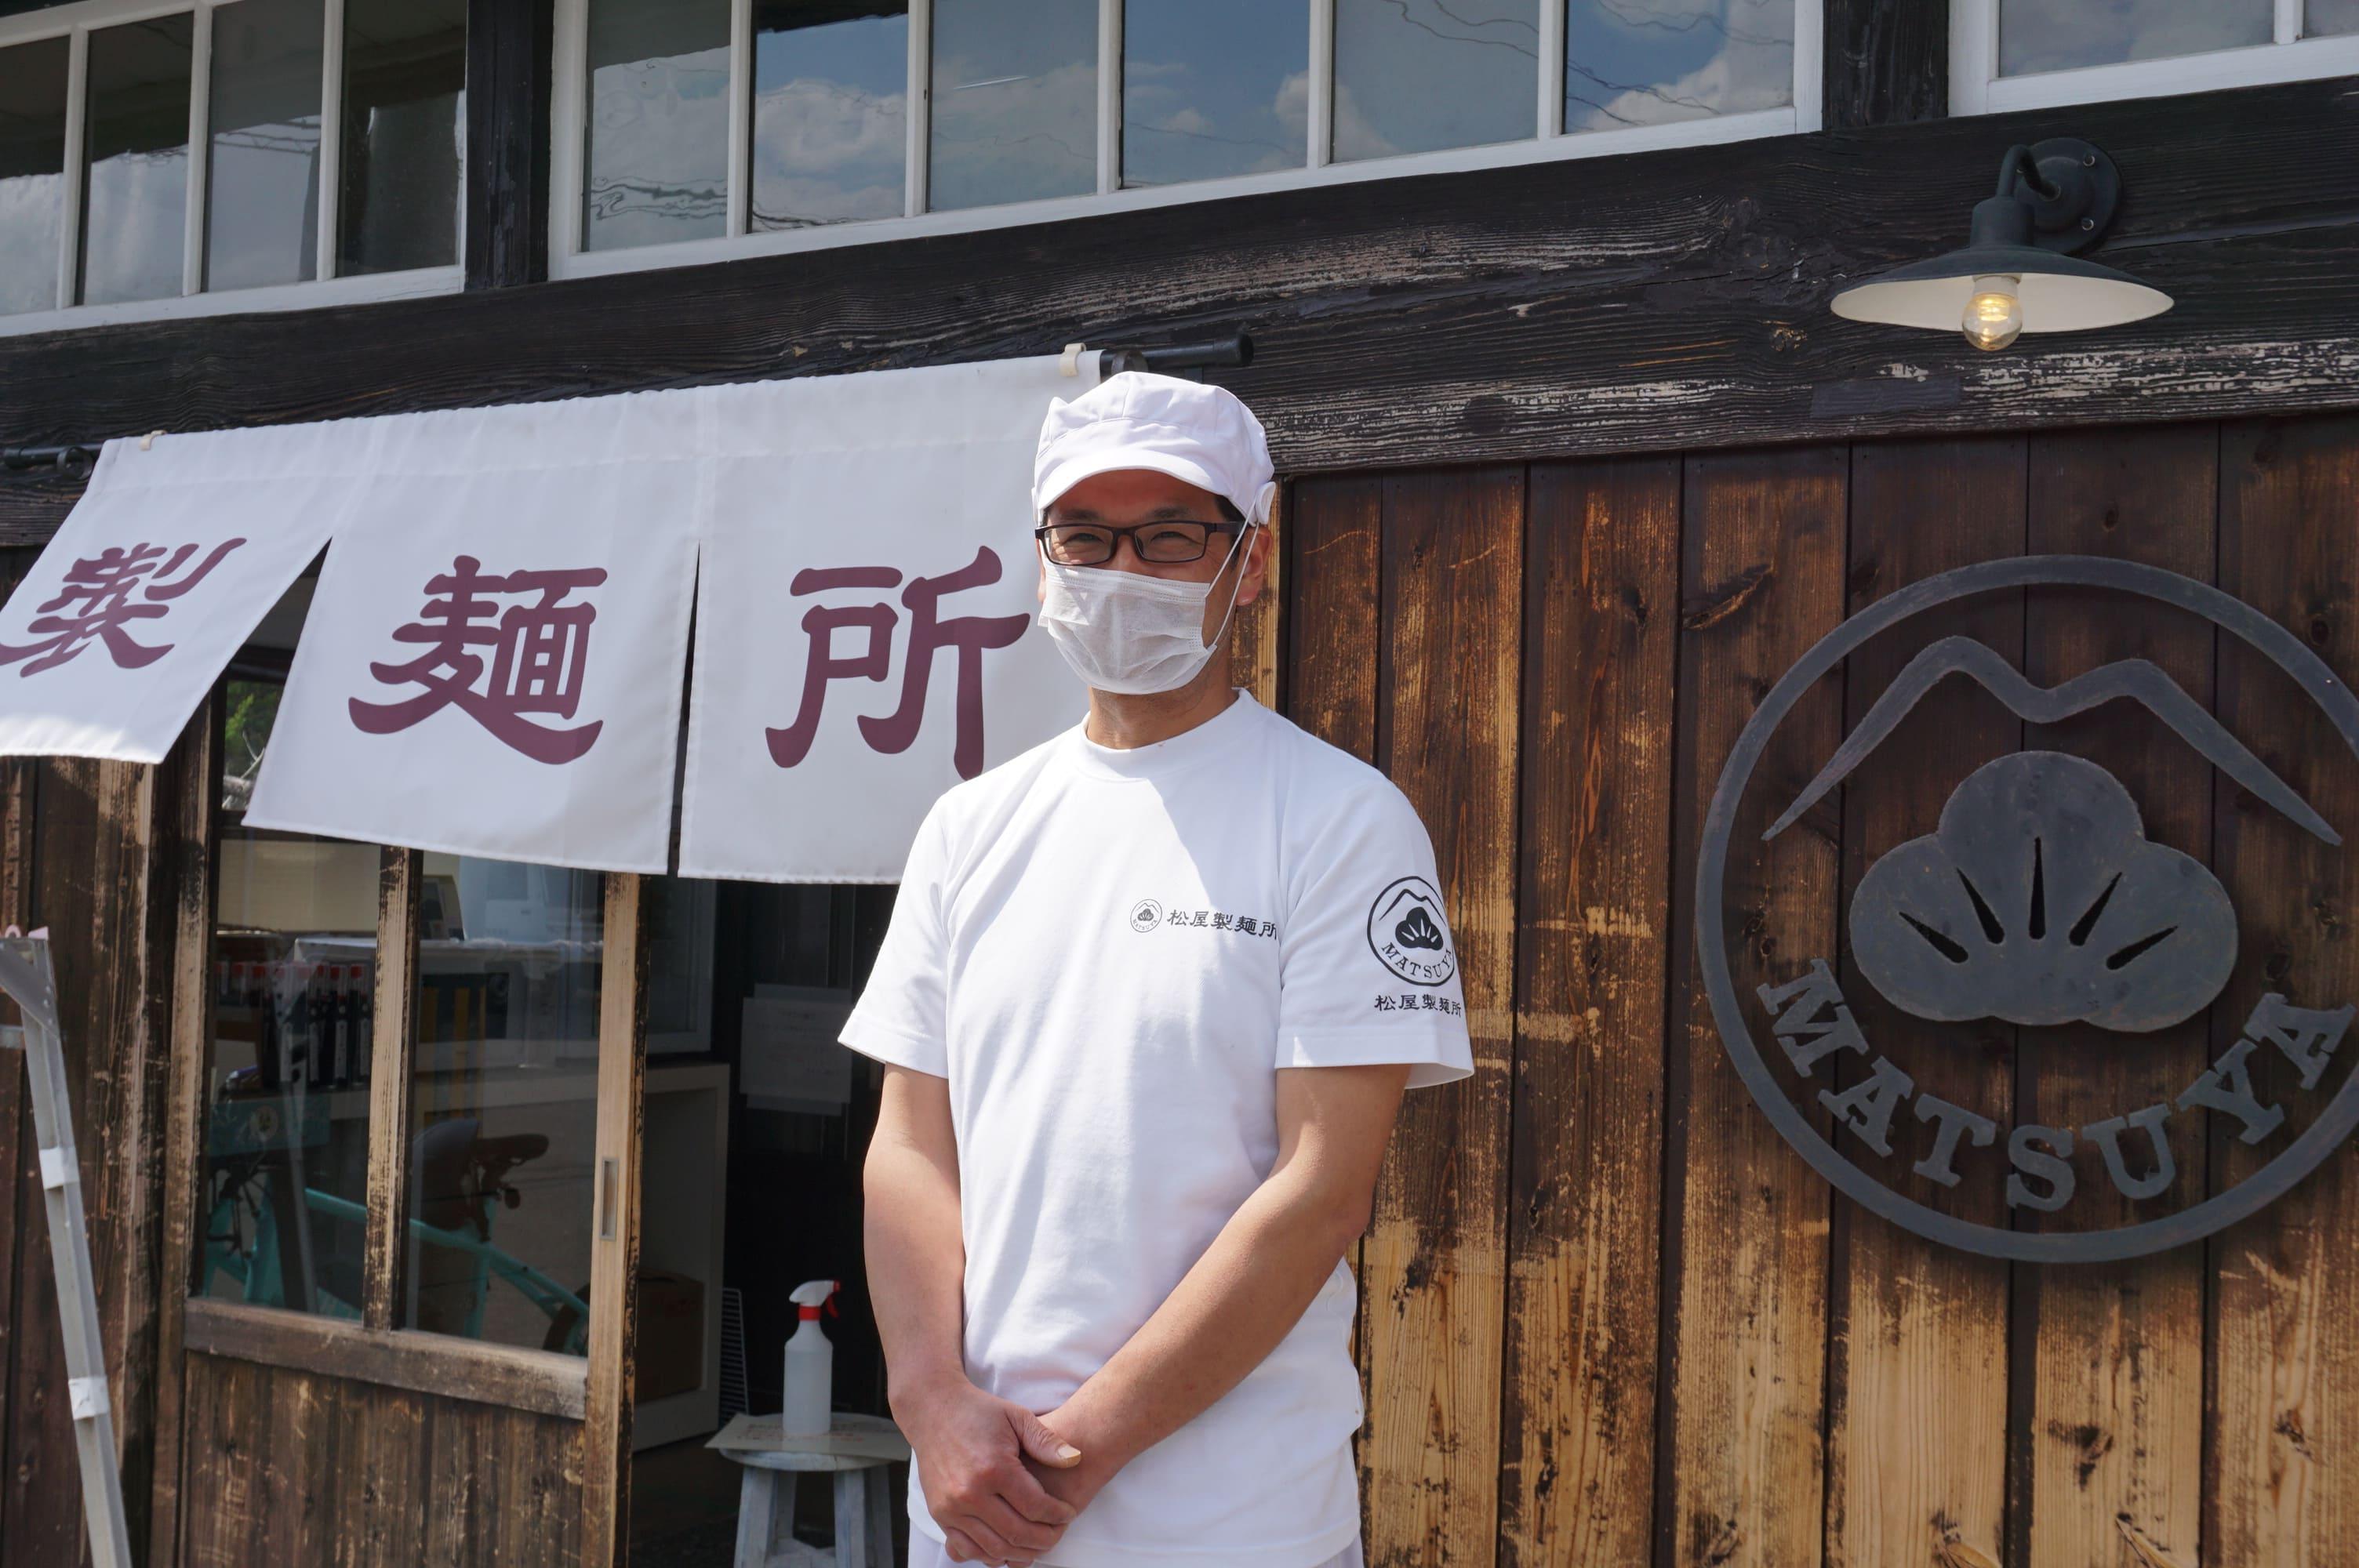 大正時代に建てられた土産店の佇まいに惚れ込んだという松屋製麺所の所長・川村能功さん。